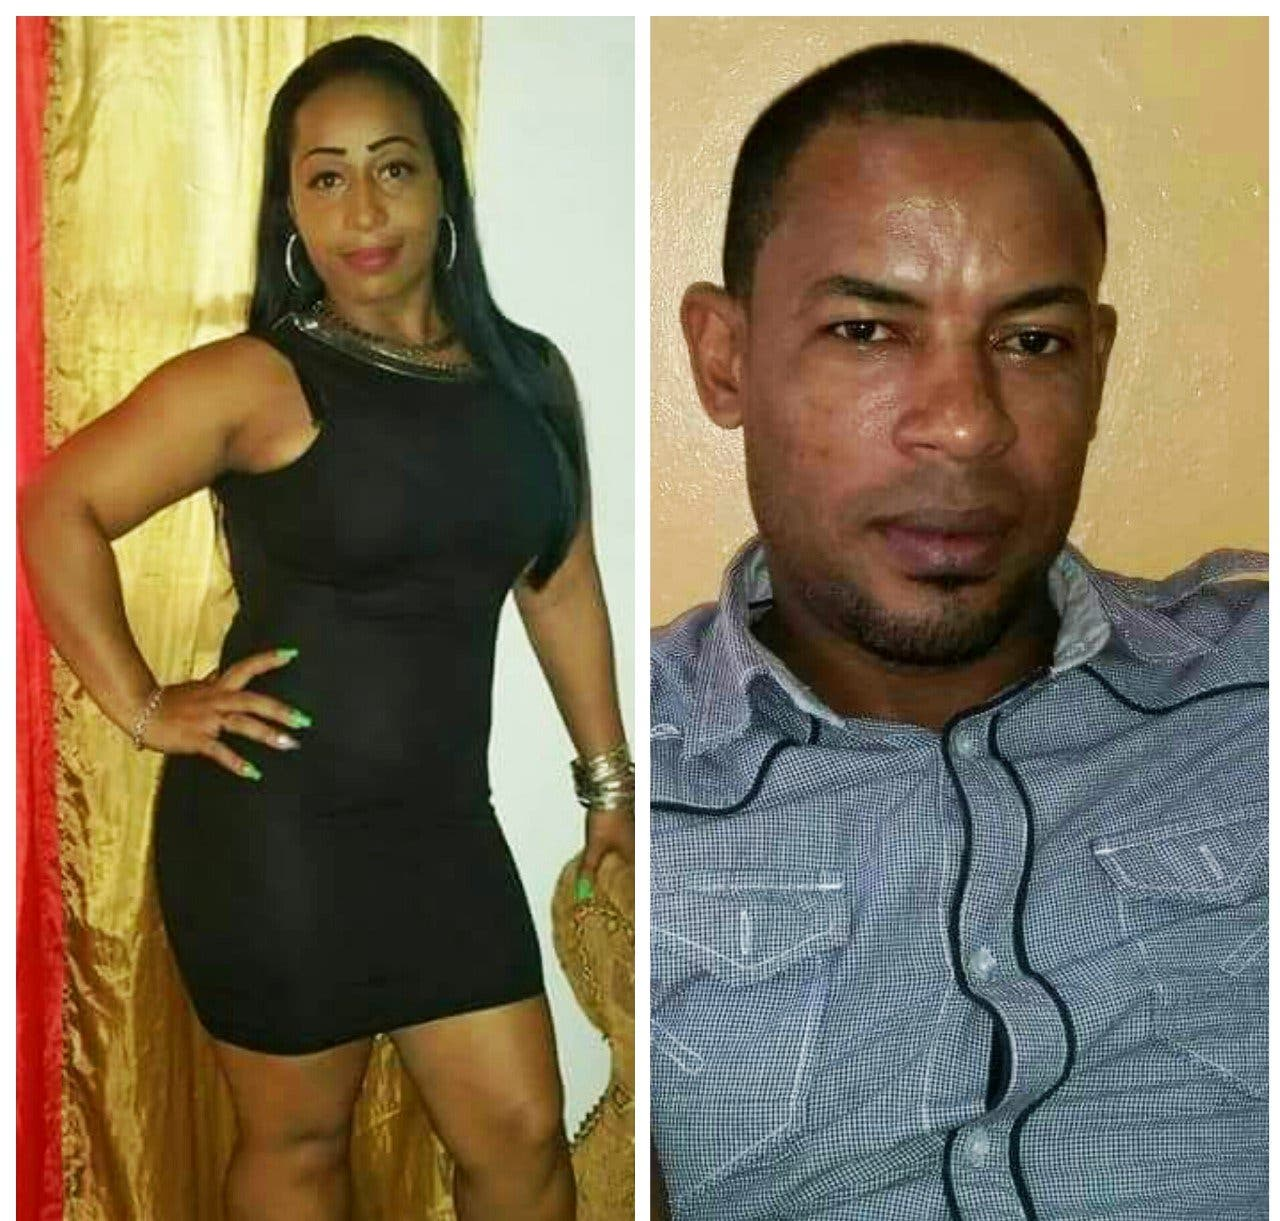 Dominicana le corta pene a un hombre en una cabaña